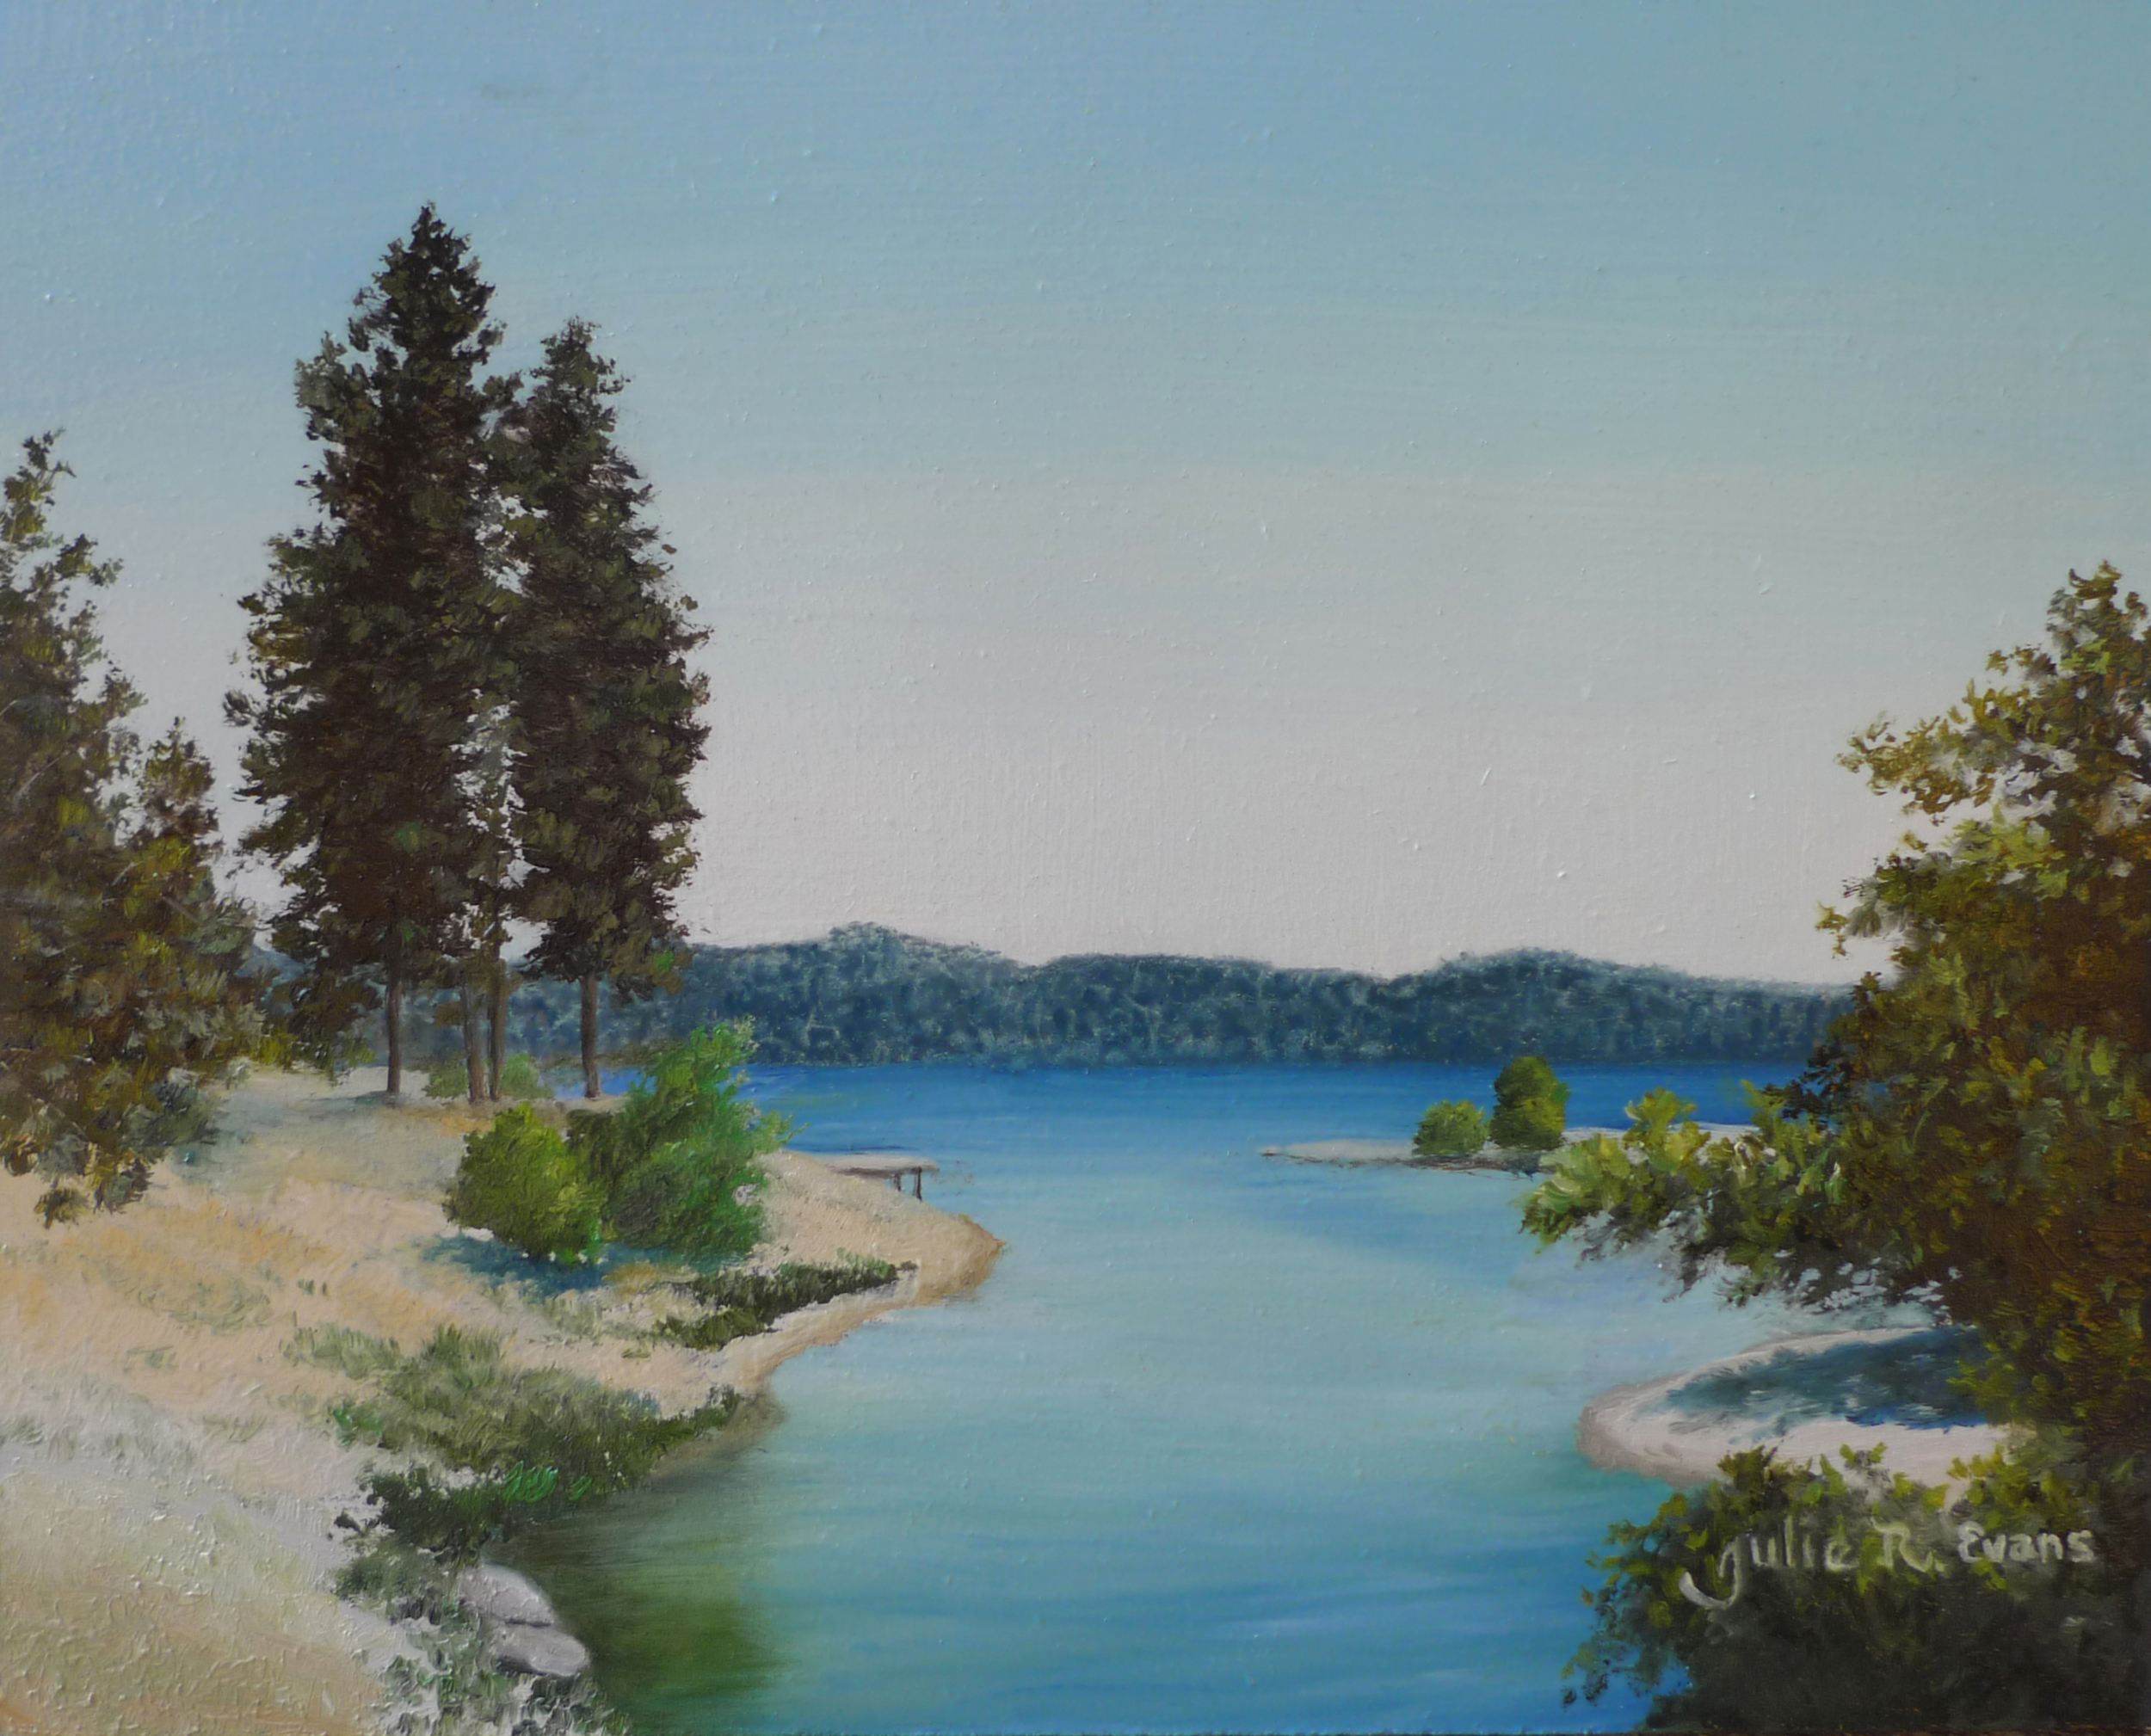 2011-05-13-Julie-R-Evans-Lake-Arrowhead-CA-Oil-8x10-cropped.jpg